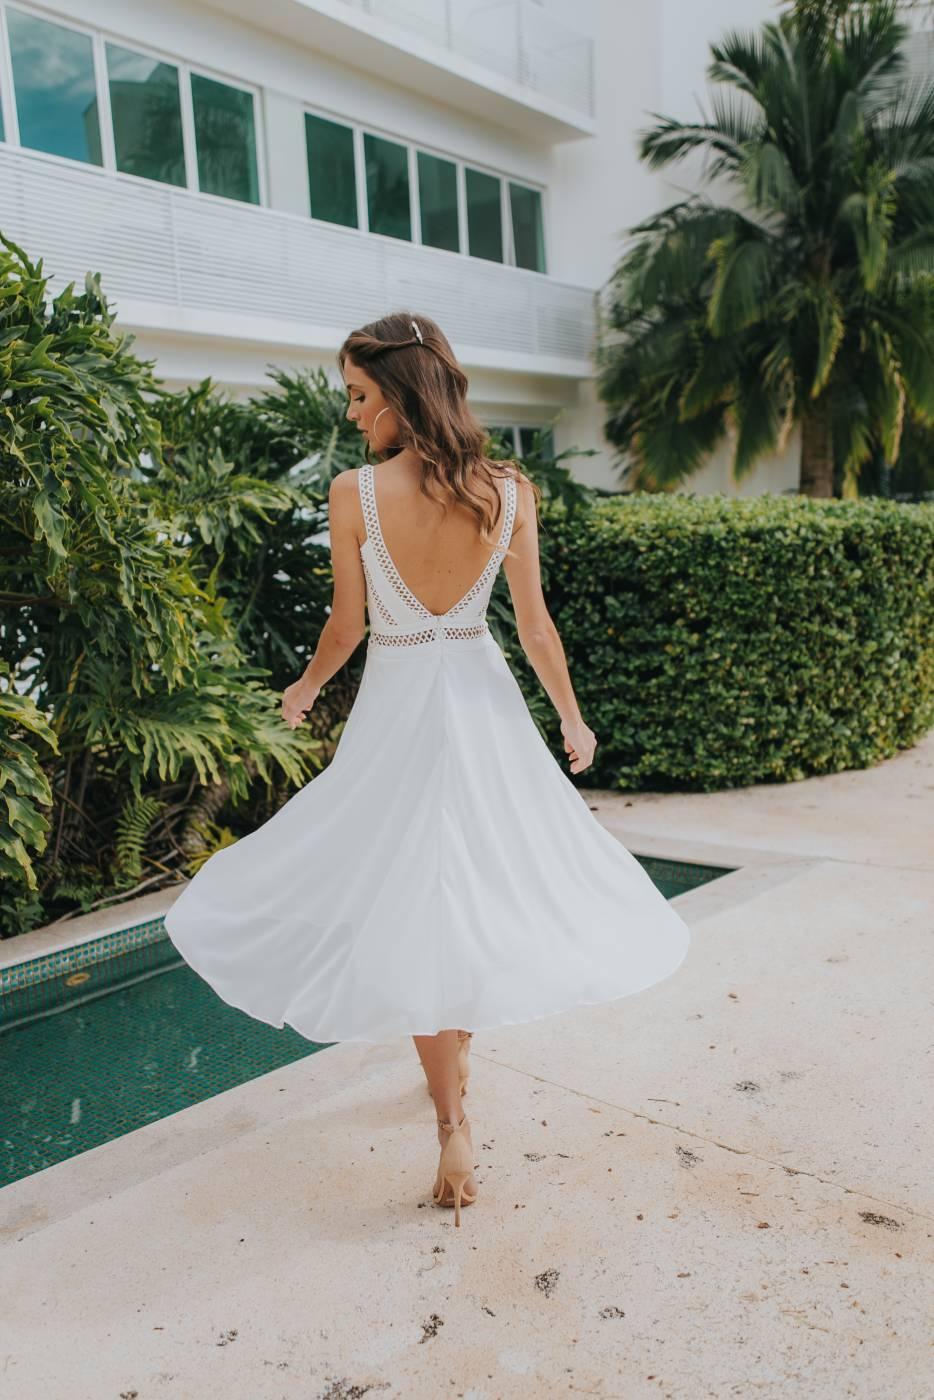 Vestido Kate  - Empório NM